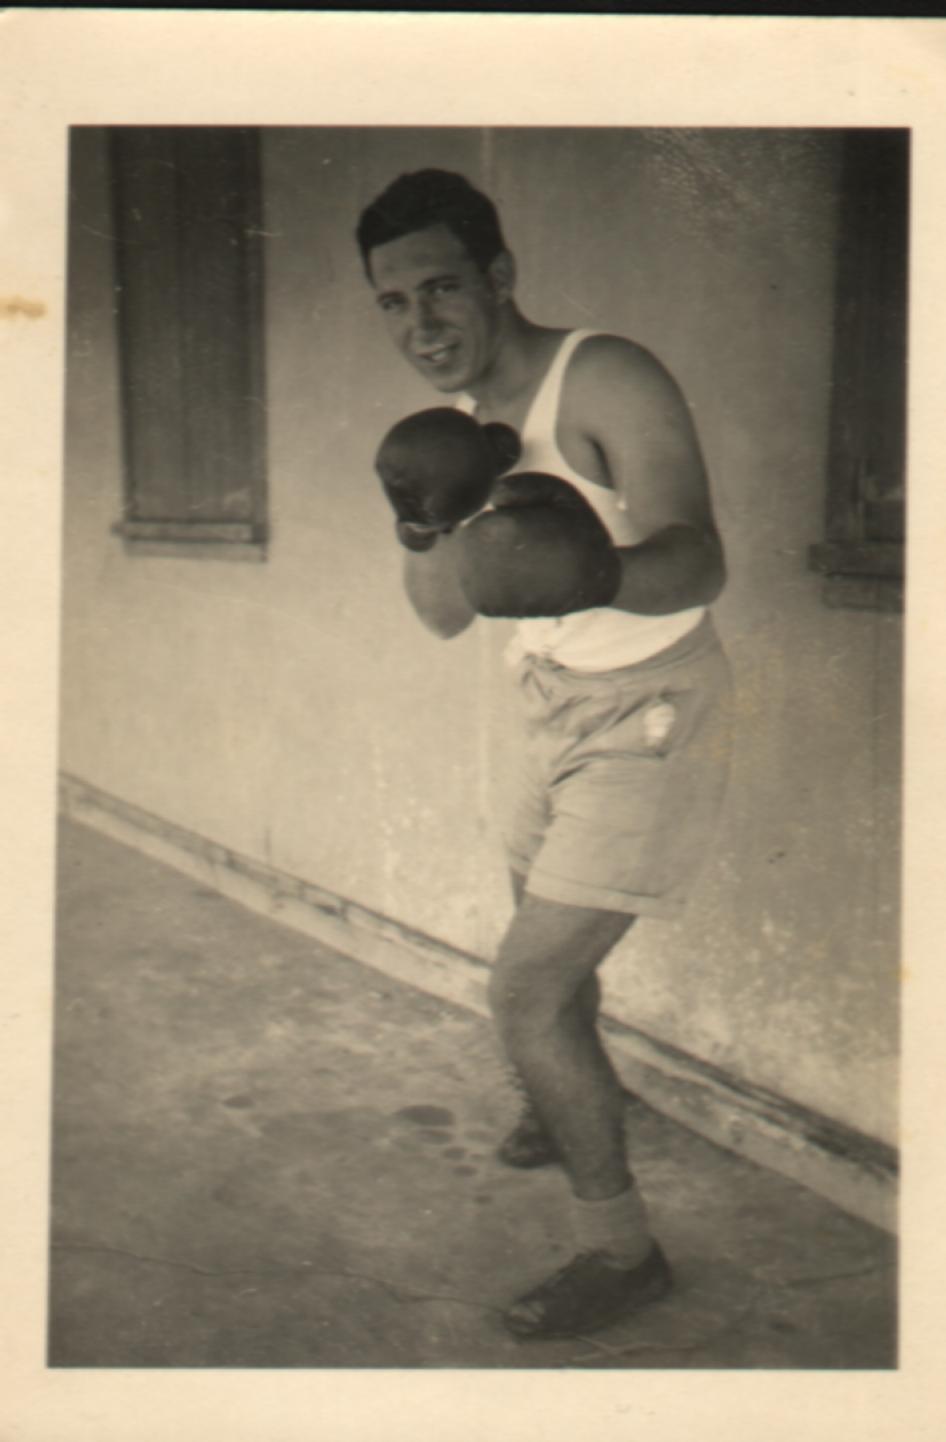 ראובן מתאמן באיגרוף